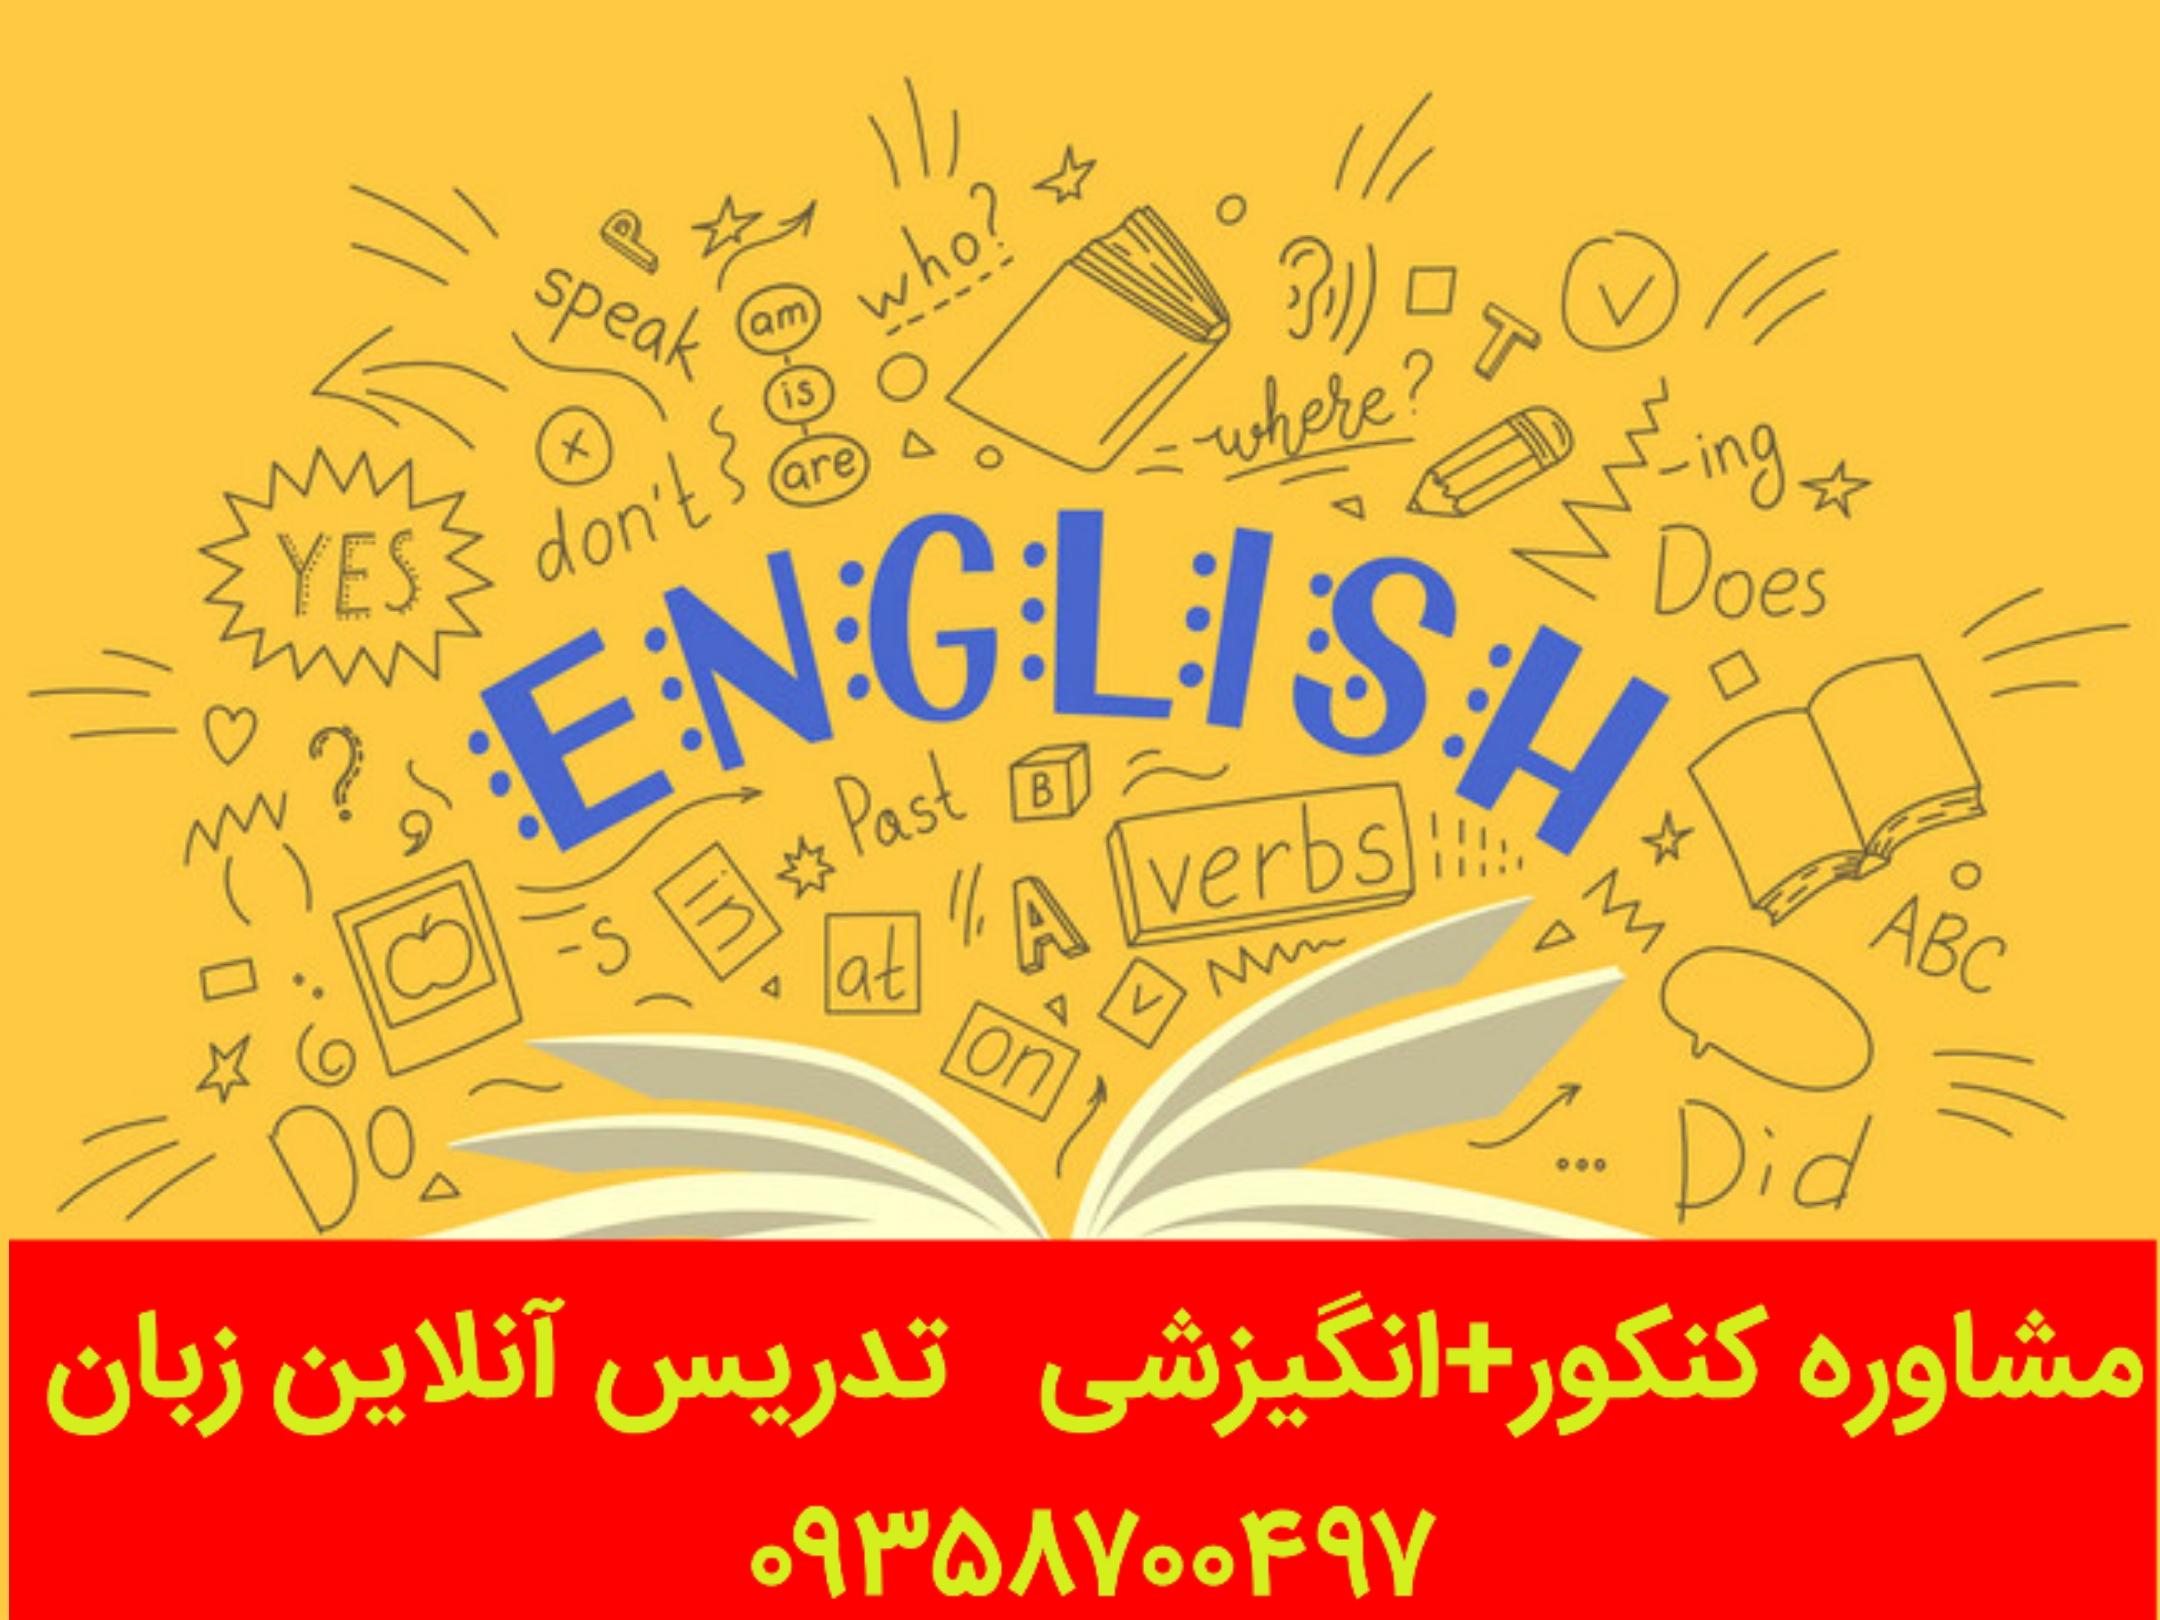 زبان انگلیسی چه اهمیتی دارد_vahidimeni.ir